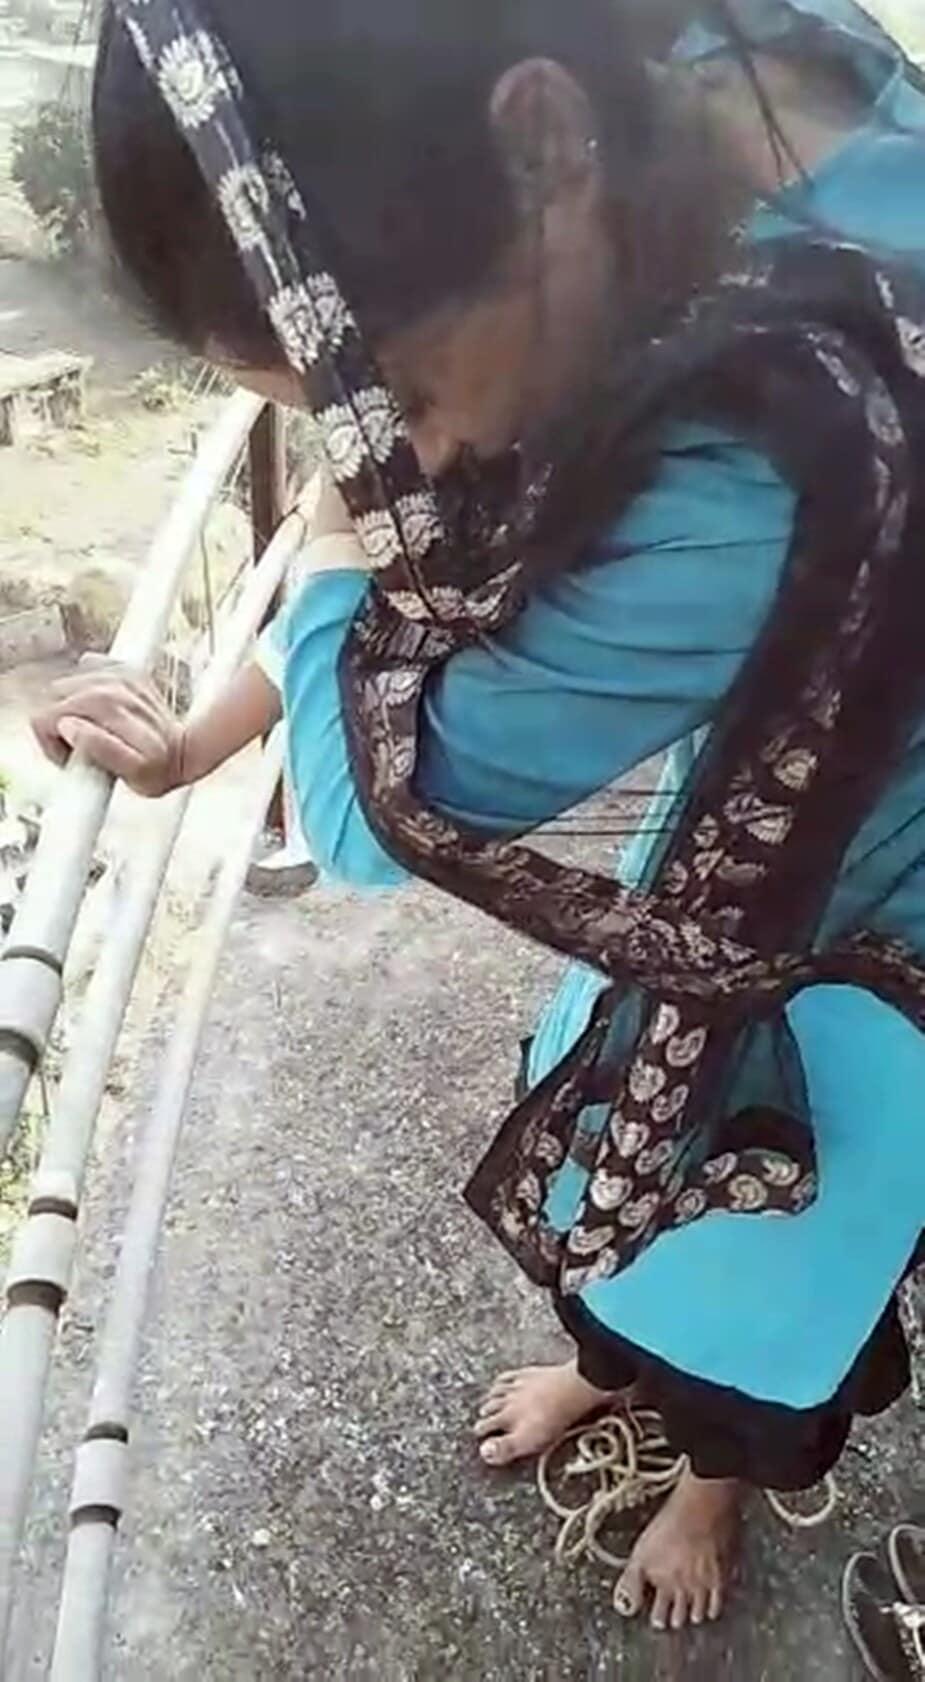 सुधा पूलाजवळील शिवमंदिरजवळ राहणाऱ्या एका युवकाच्या संपर्कात ही महिला होती.